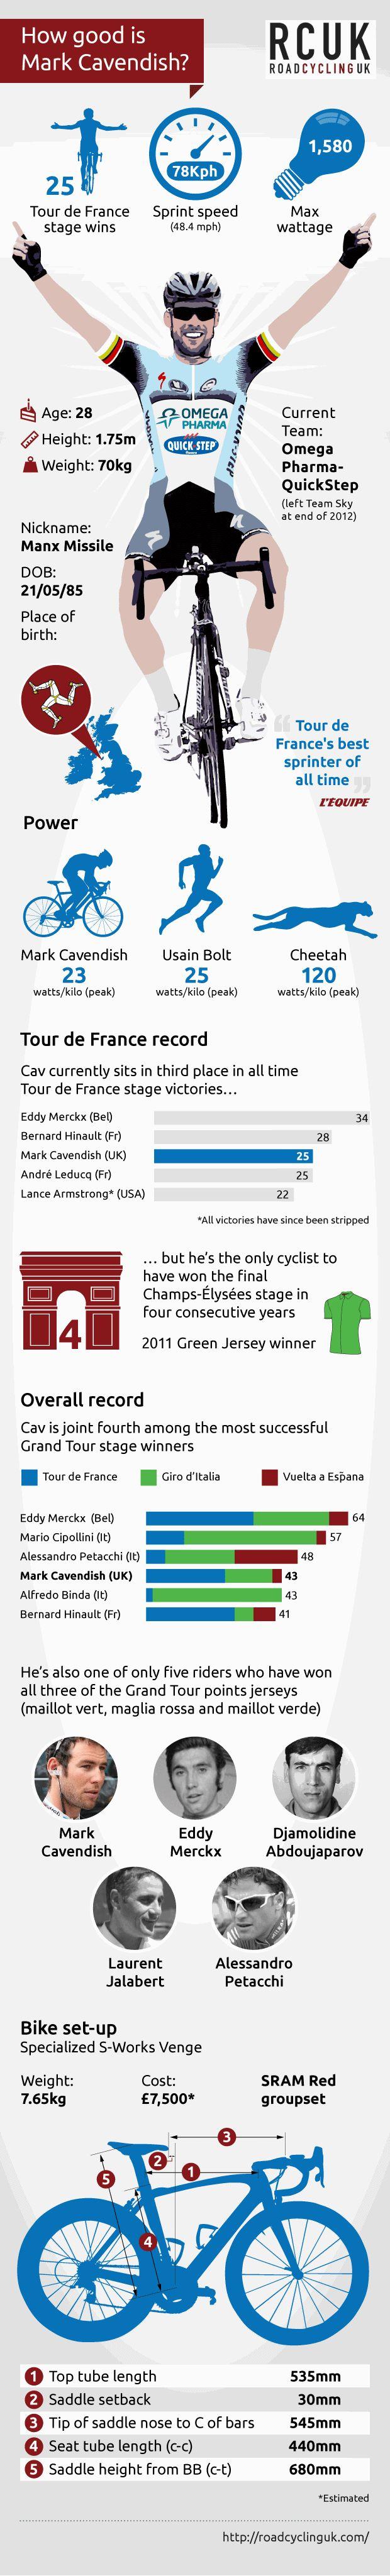 Infographic, Tour de France 2013, Mark Cavendish, ©Factory Media